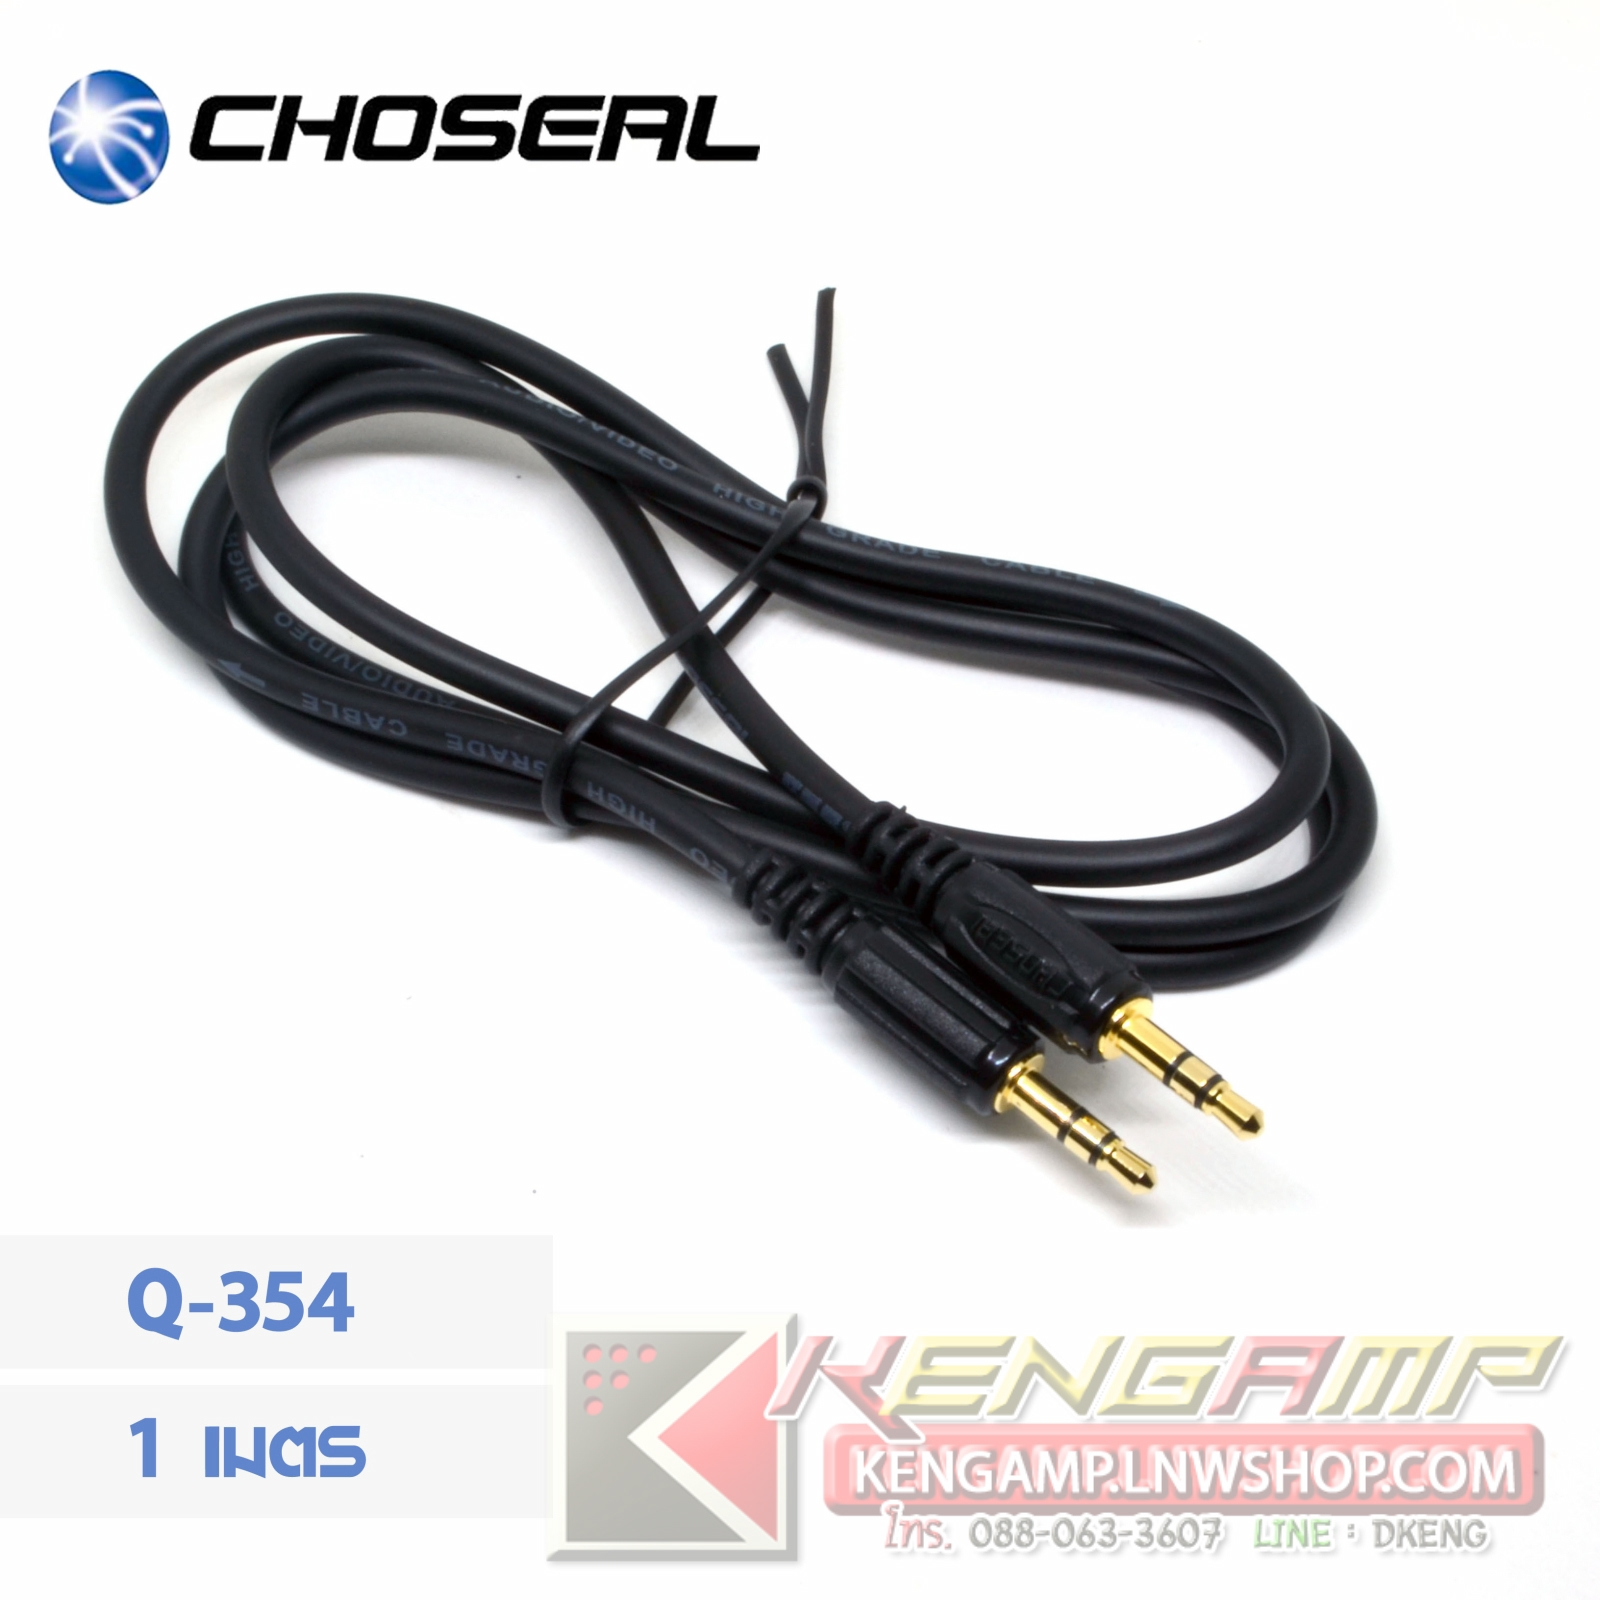 สาย AUX Choseal Q-354 ยาว 1เมตร (TRS3.5 to TRS3.5)